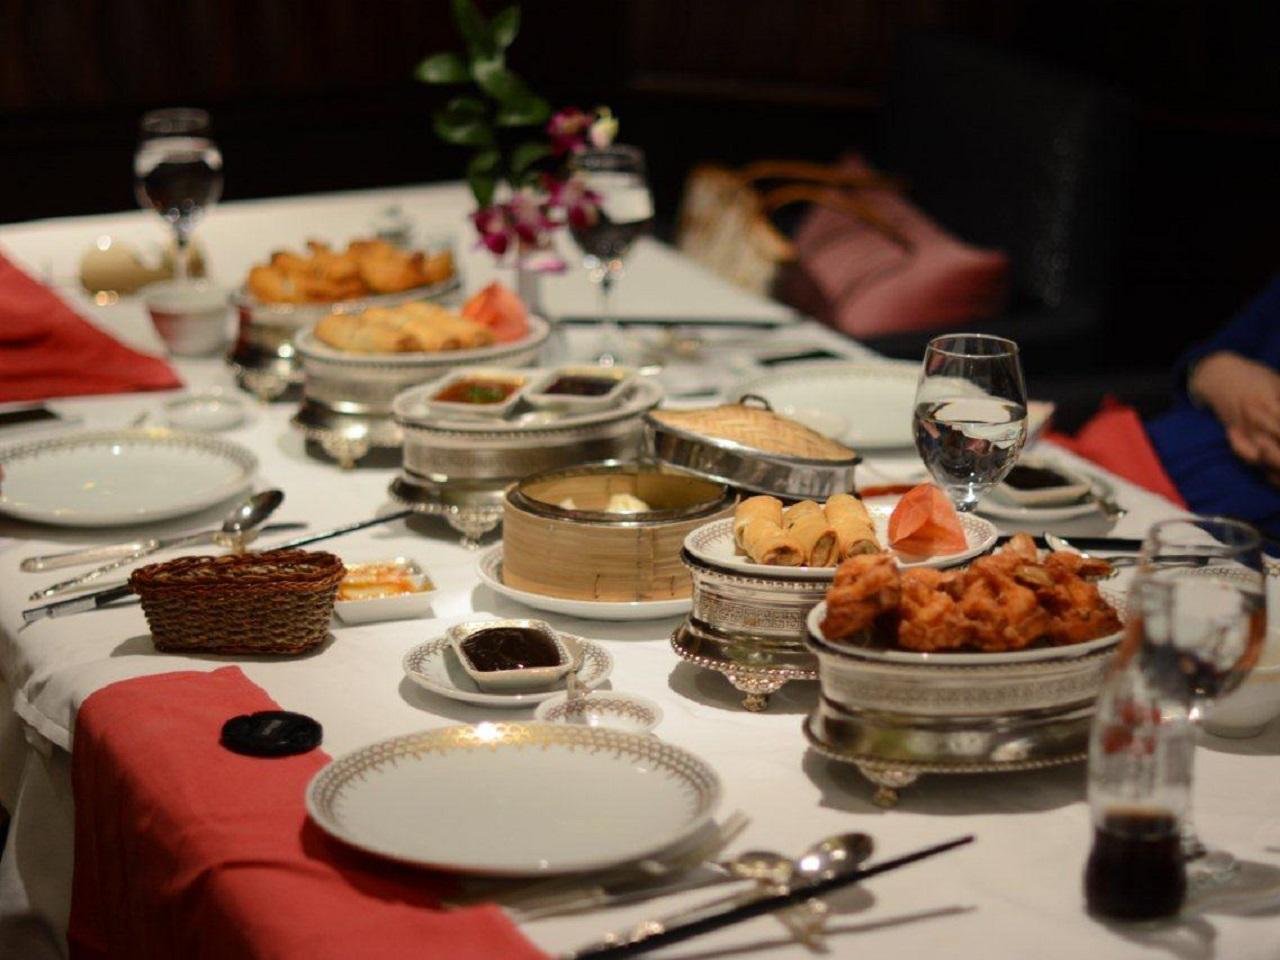 بالصور عشاء فخم , اروع و اجدد صور للعشاء الفخم الرومانسى 607 6